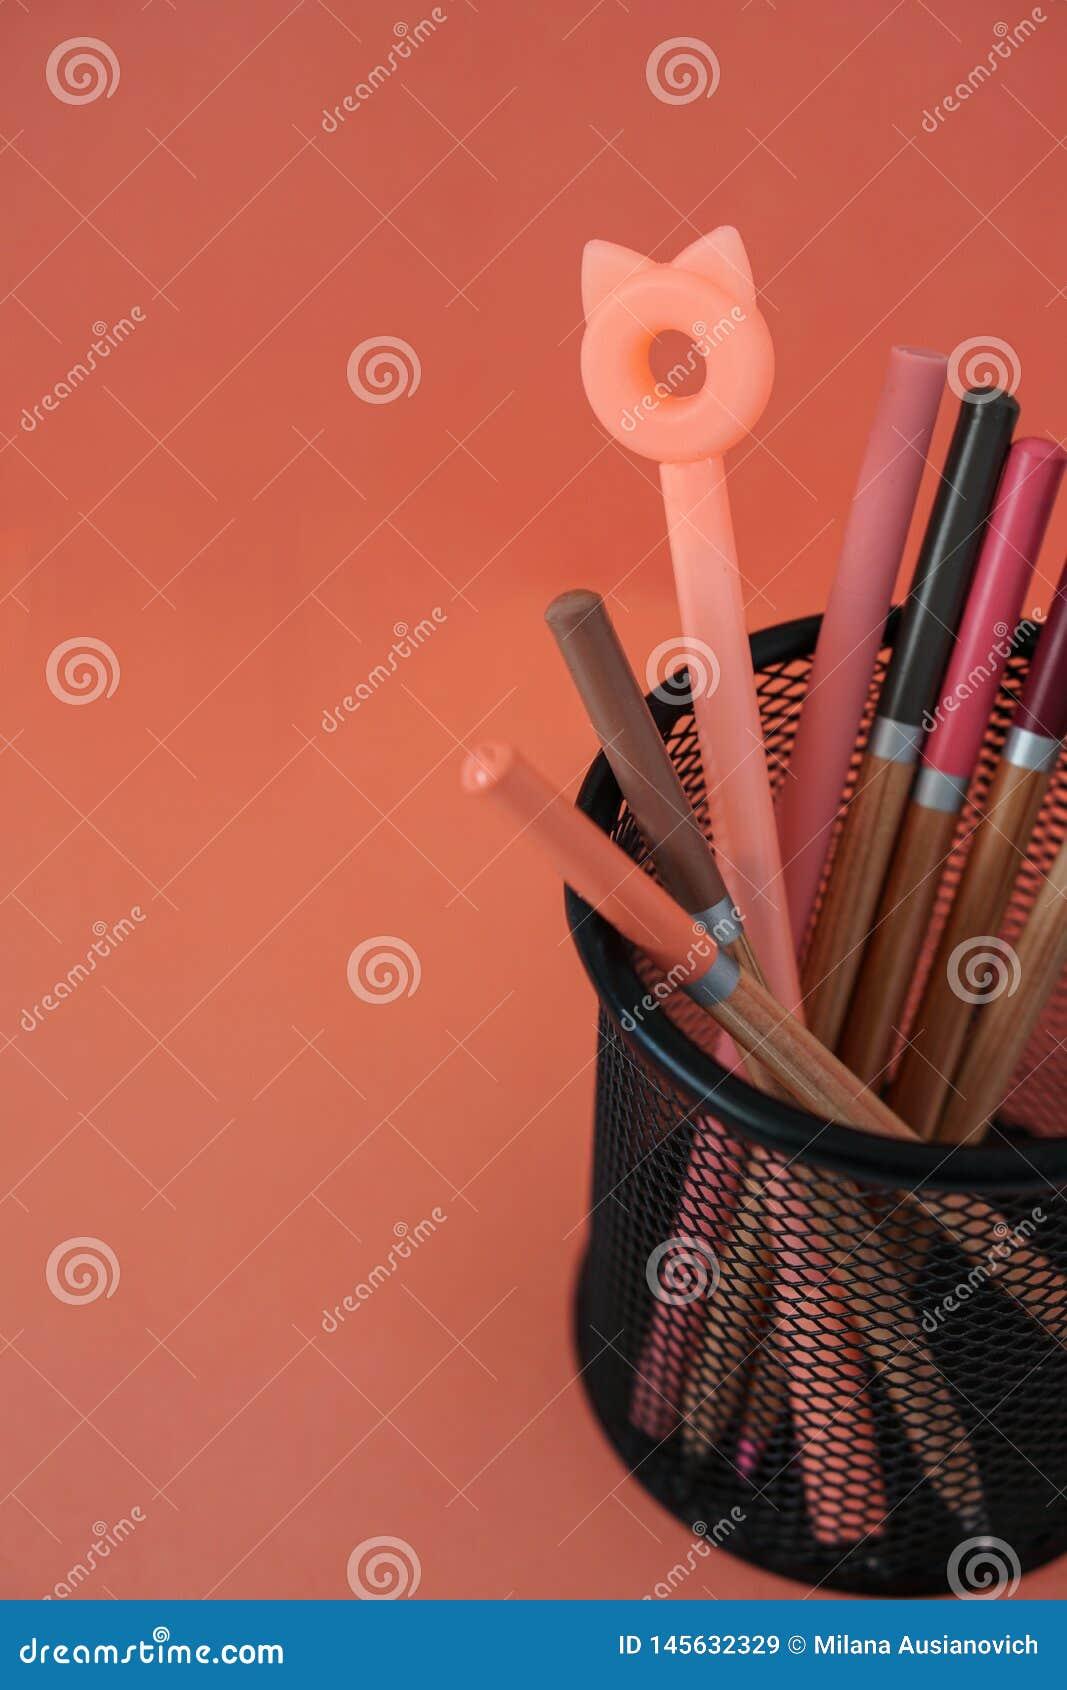 O r 与猫耳朵和铅笔的笔在红色背景的篮子与赠送阅本空间